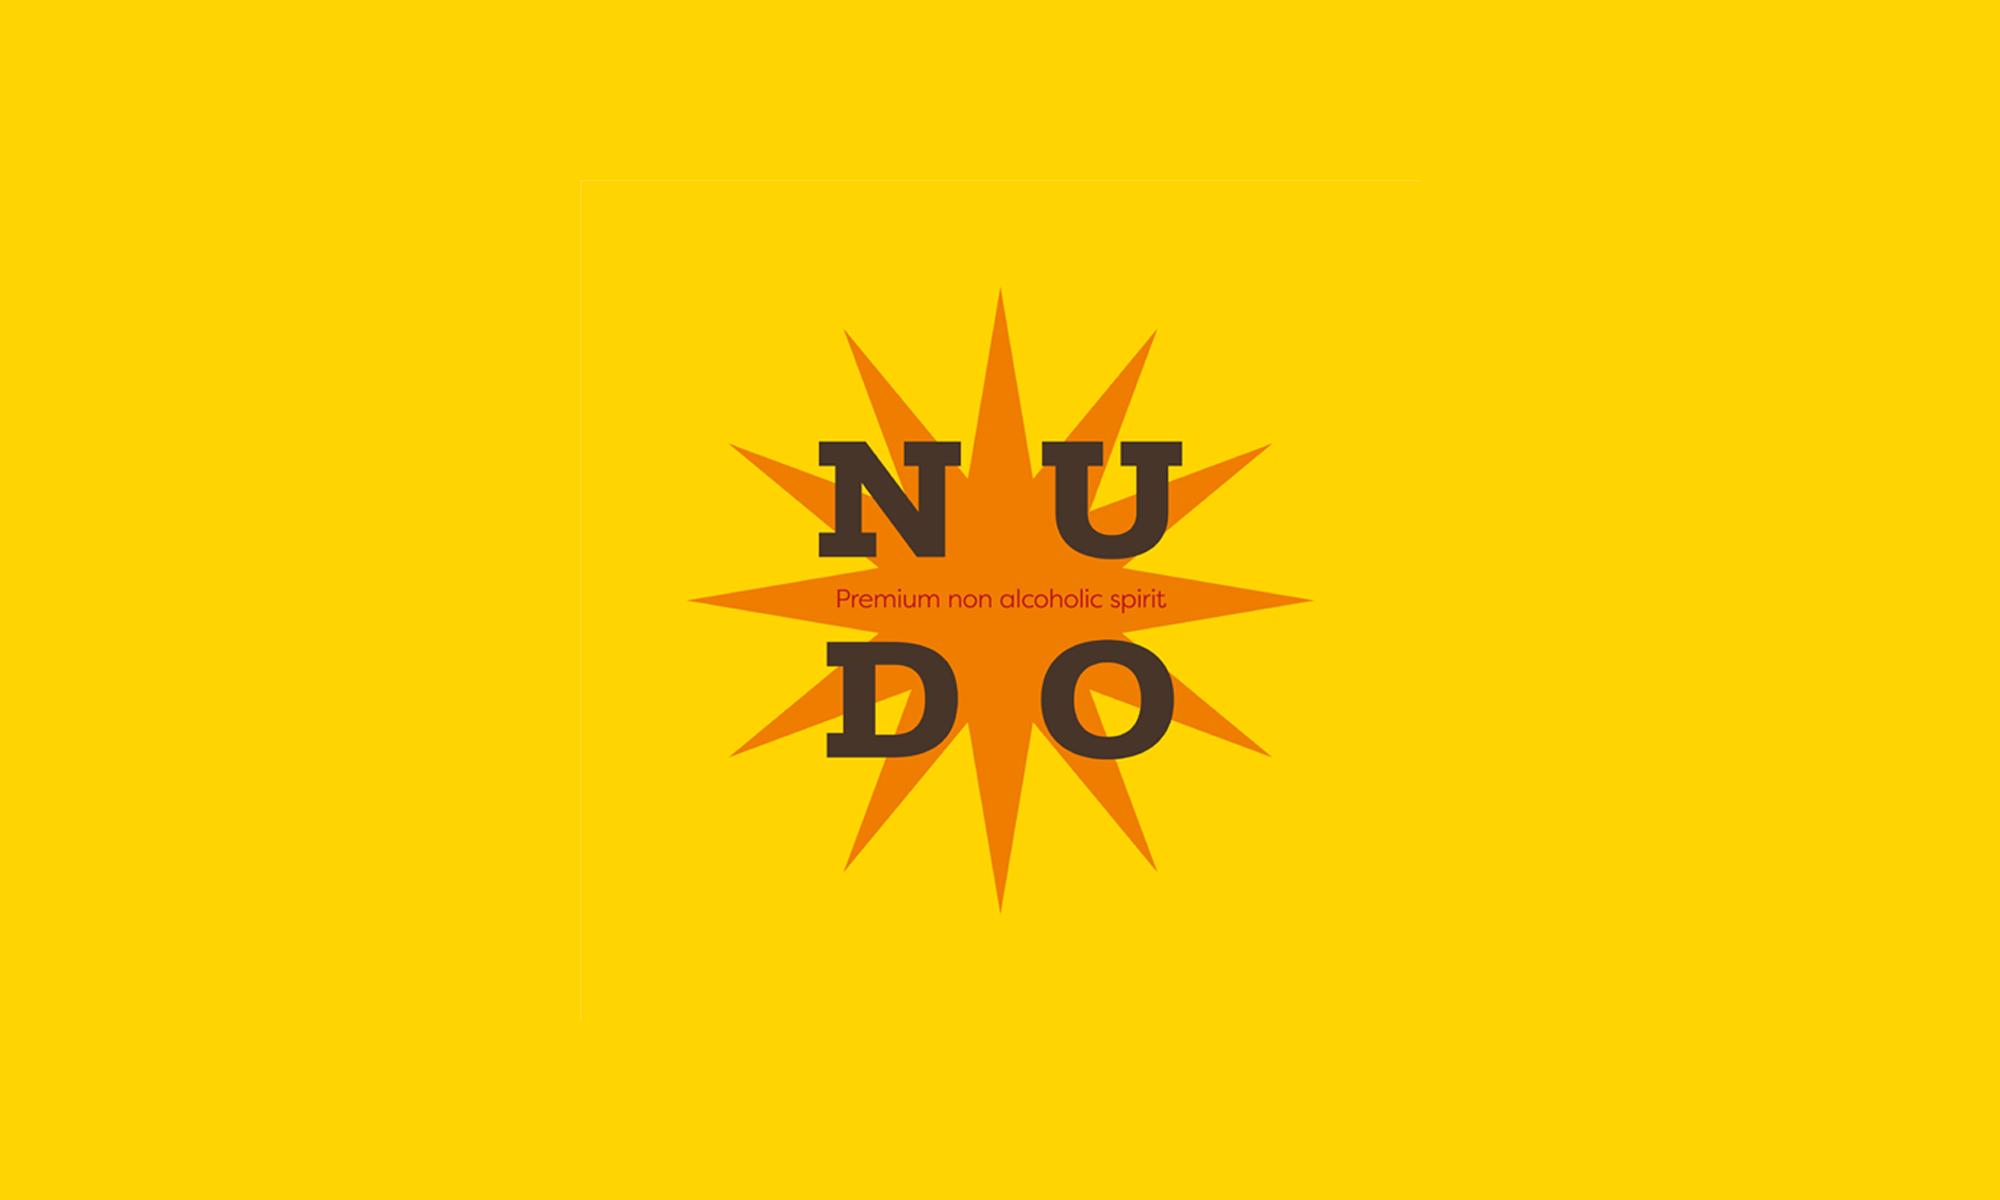 NUDO drinks